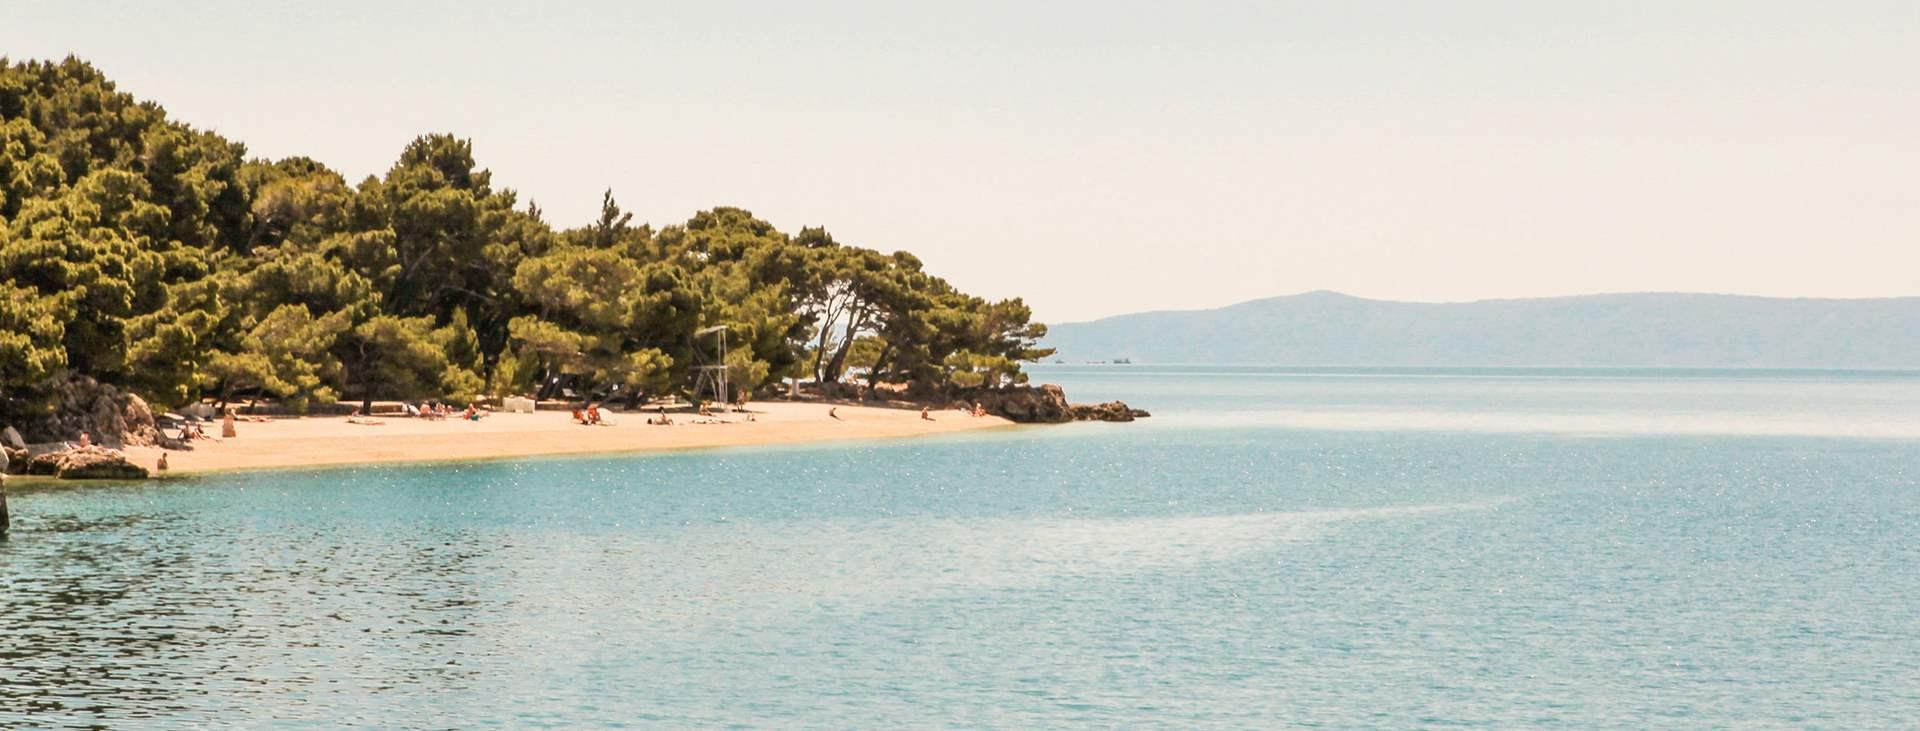 Varaa Tjäreborgin matka Makarska Riviaralle, Kroatiaan